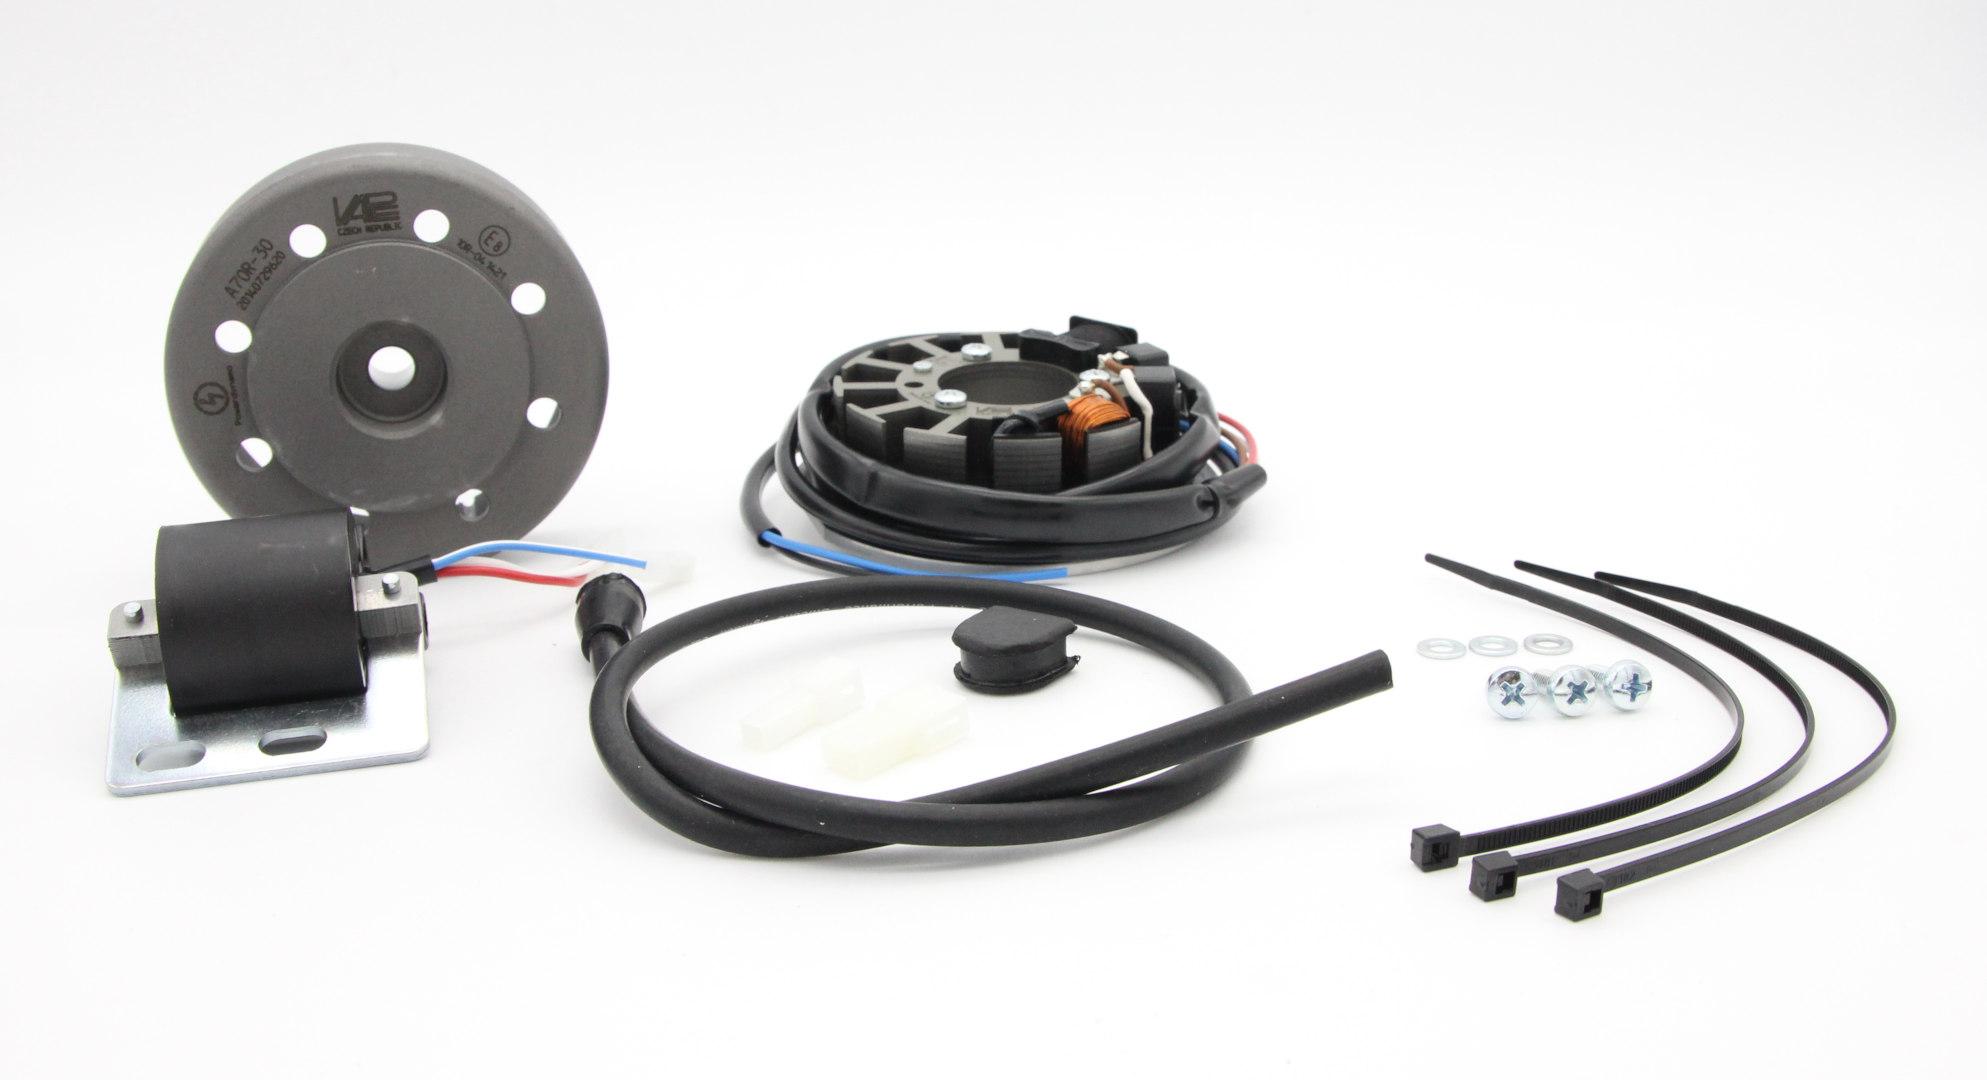 Lichtmagnetzündanlage 6V 18W mit integrierter vollelektronischer Zündung für SR1, SR2, SR2E, KR50